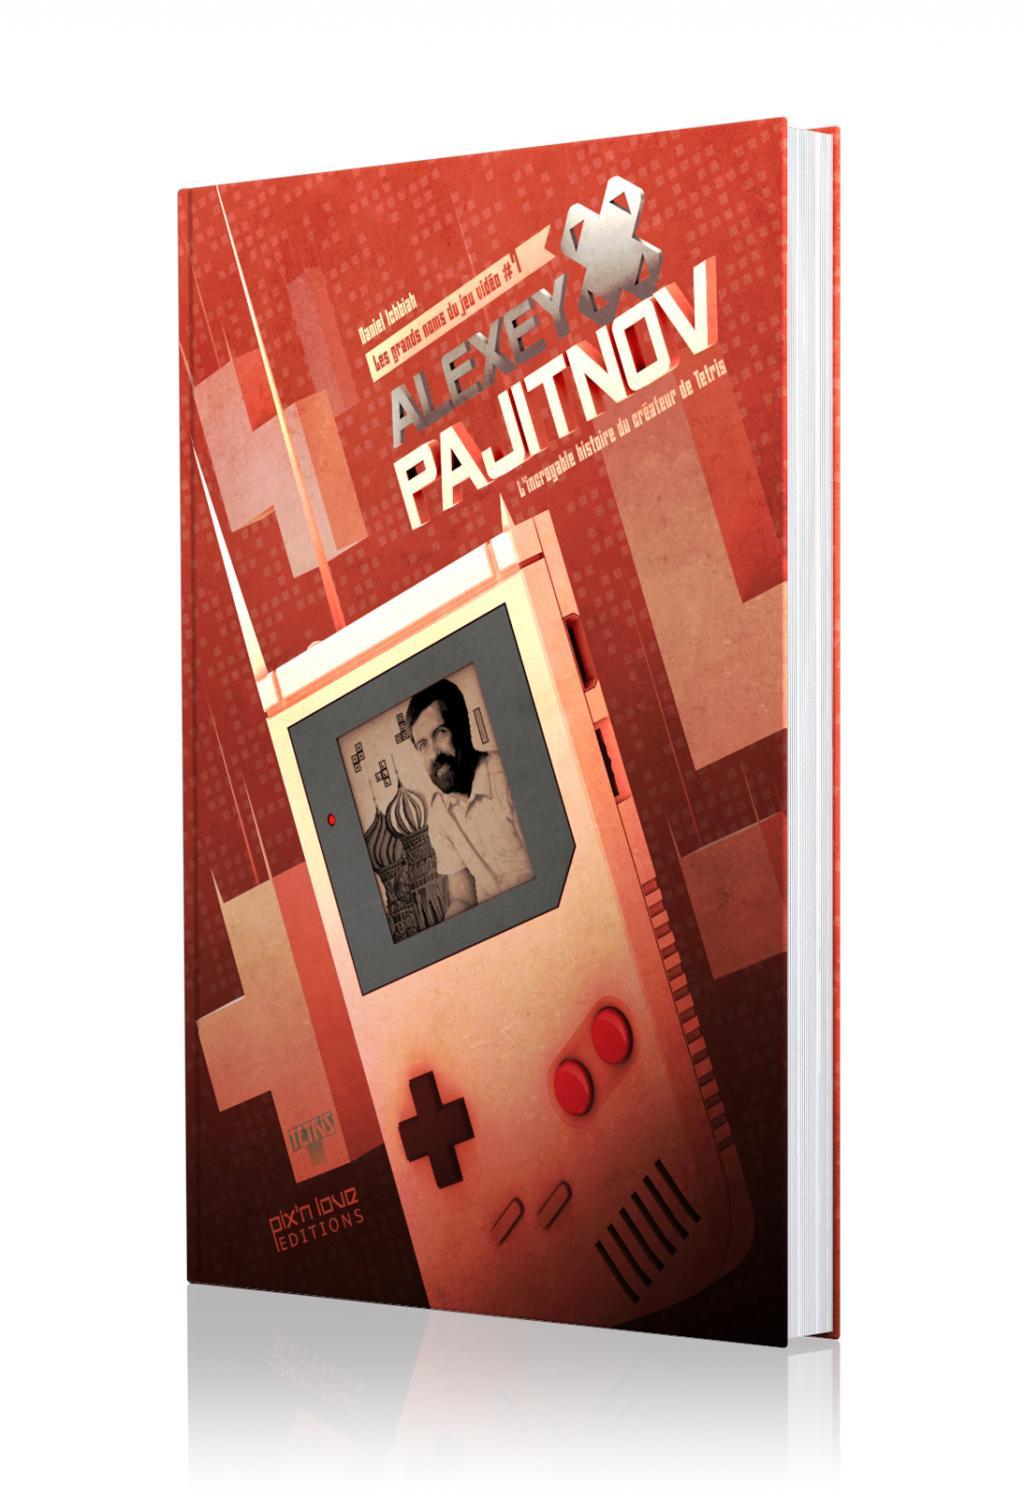 Biographie 08 - Alexey Pajitnov le Créateur de TETRIS